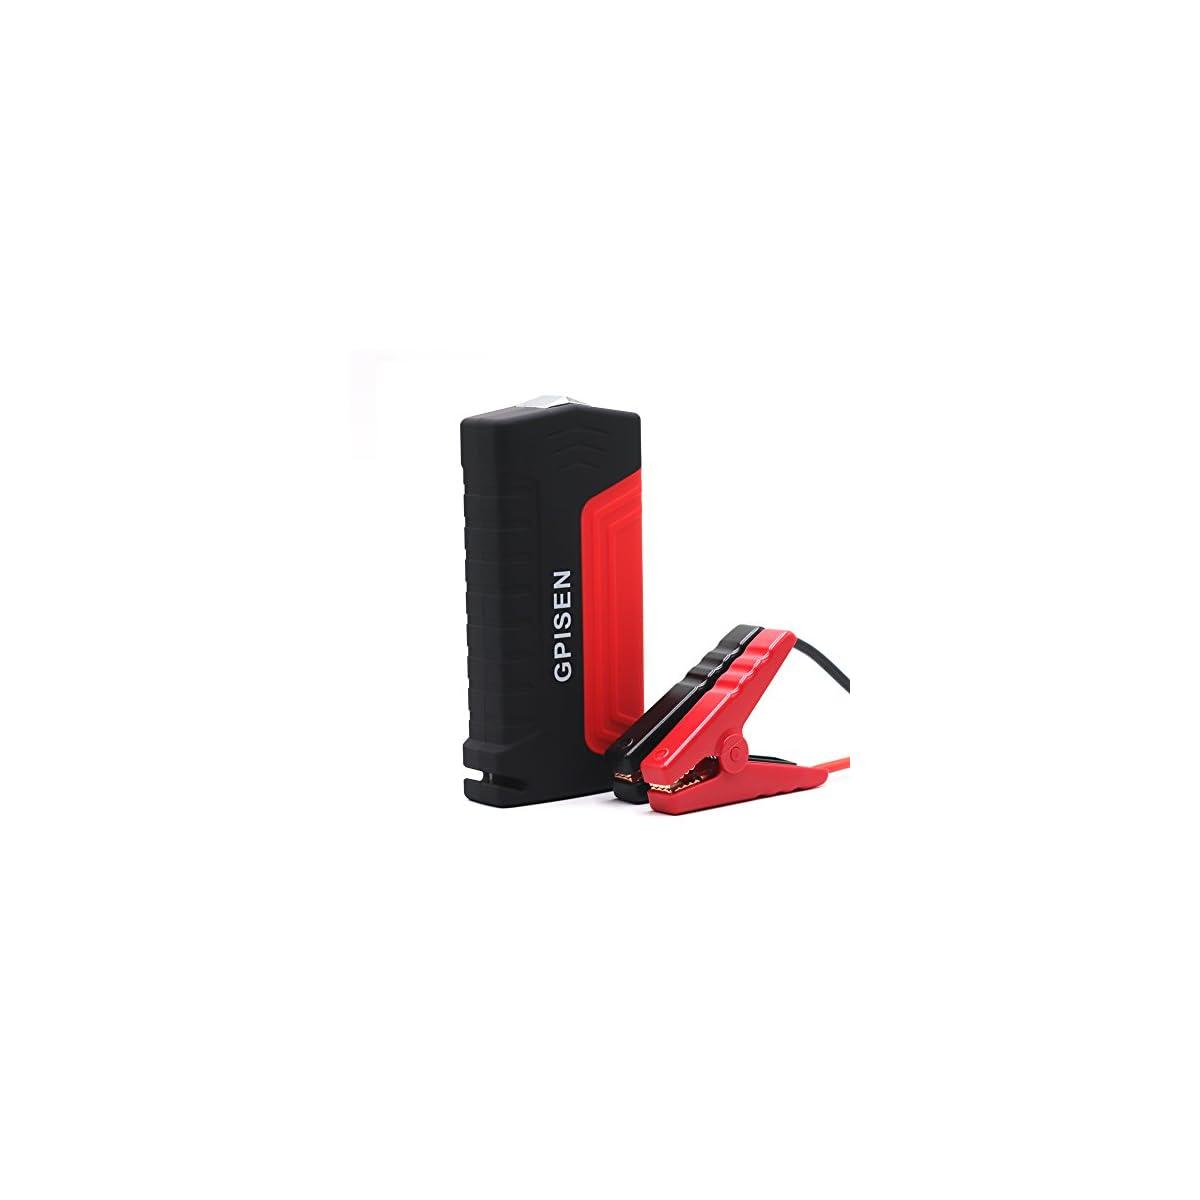 41jYTHF4 kL. SS1200  - GPISEN Jump Starter 13600mAh Batería Arranque Kit 600A Arrancador Pack Para Coche (Batería Externa Recargable, LED Flashlight, Multifunción, Con pinzas inteligentes)